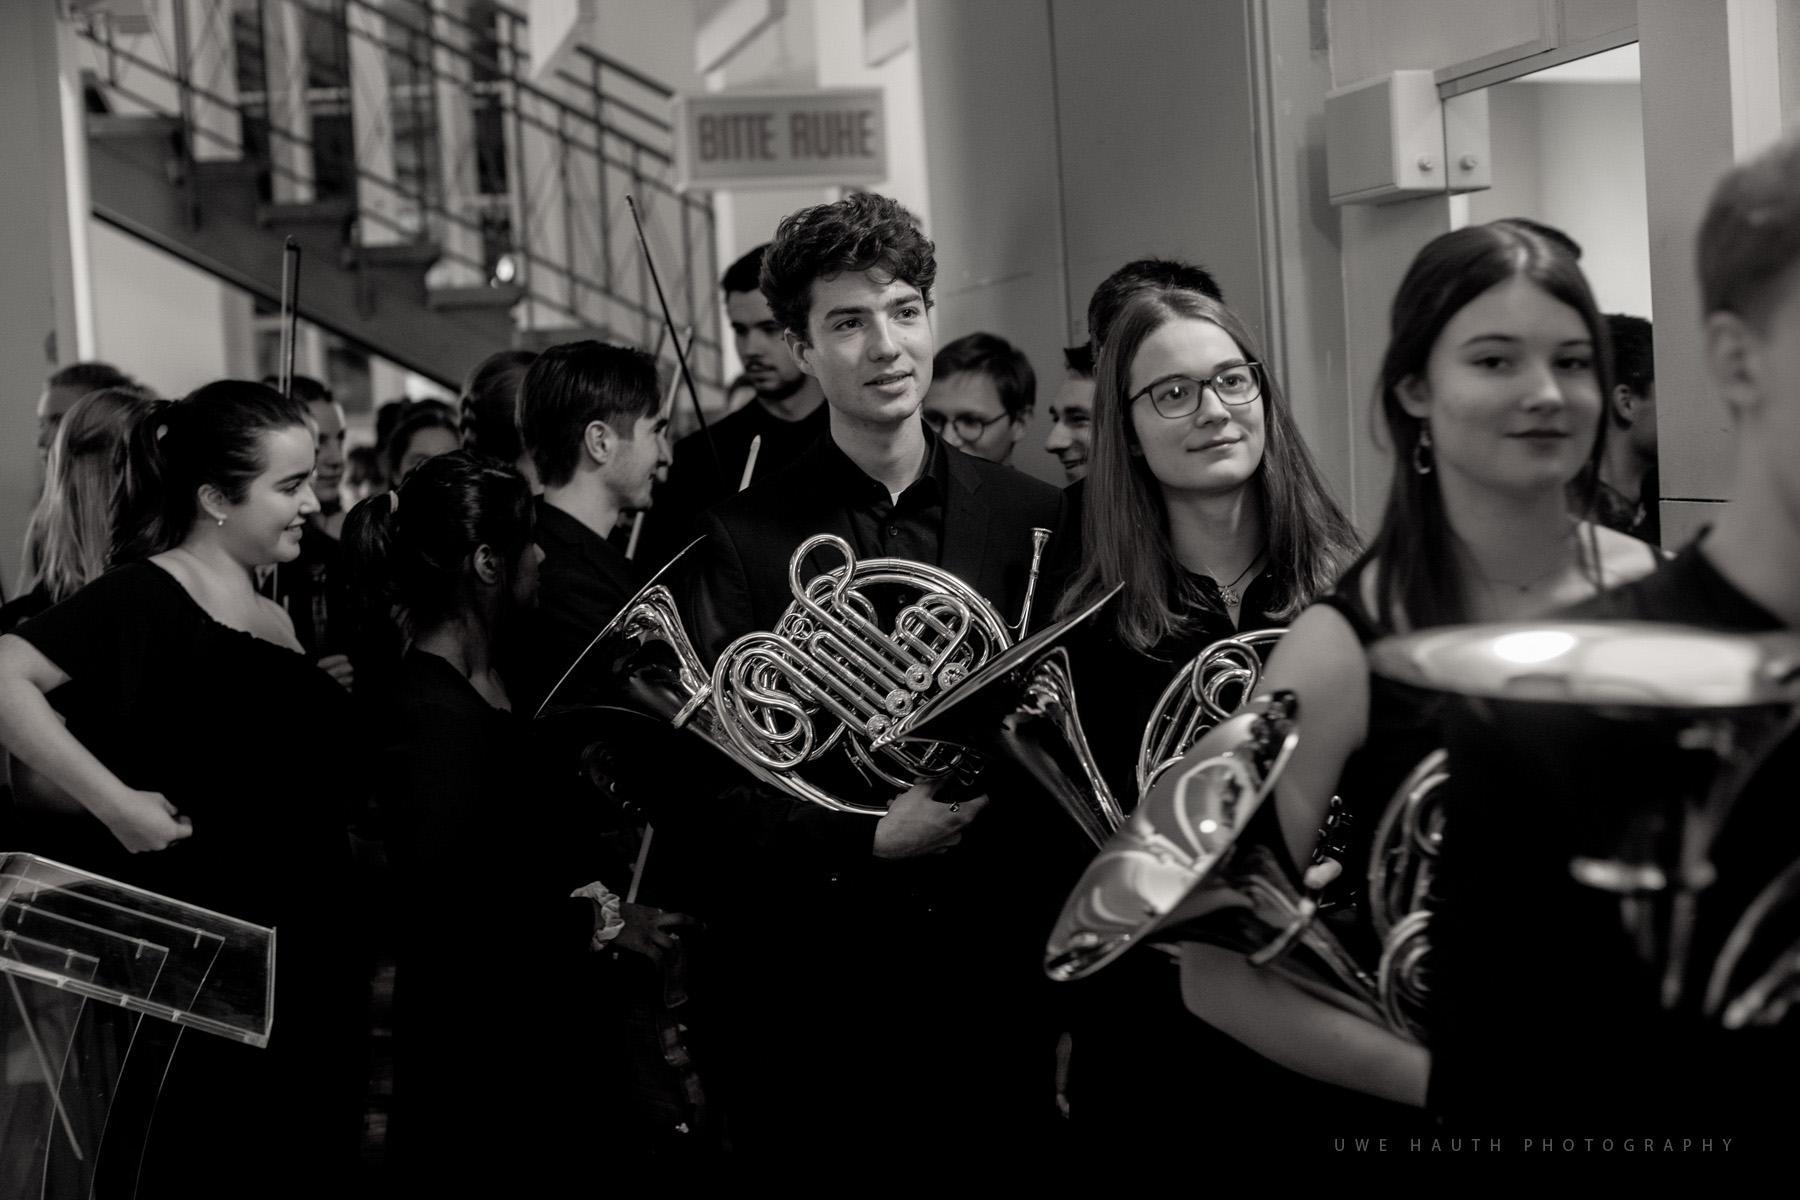 Mitglieder der Jungen Philharmonie kurz vor dem Konzert